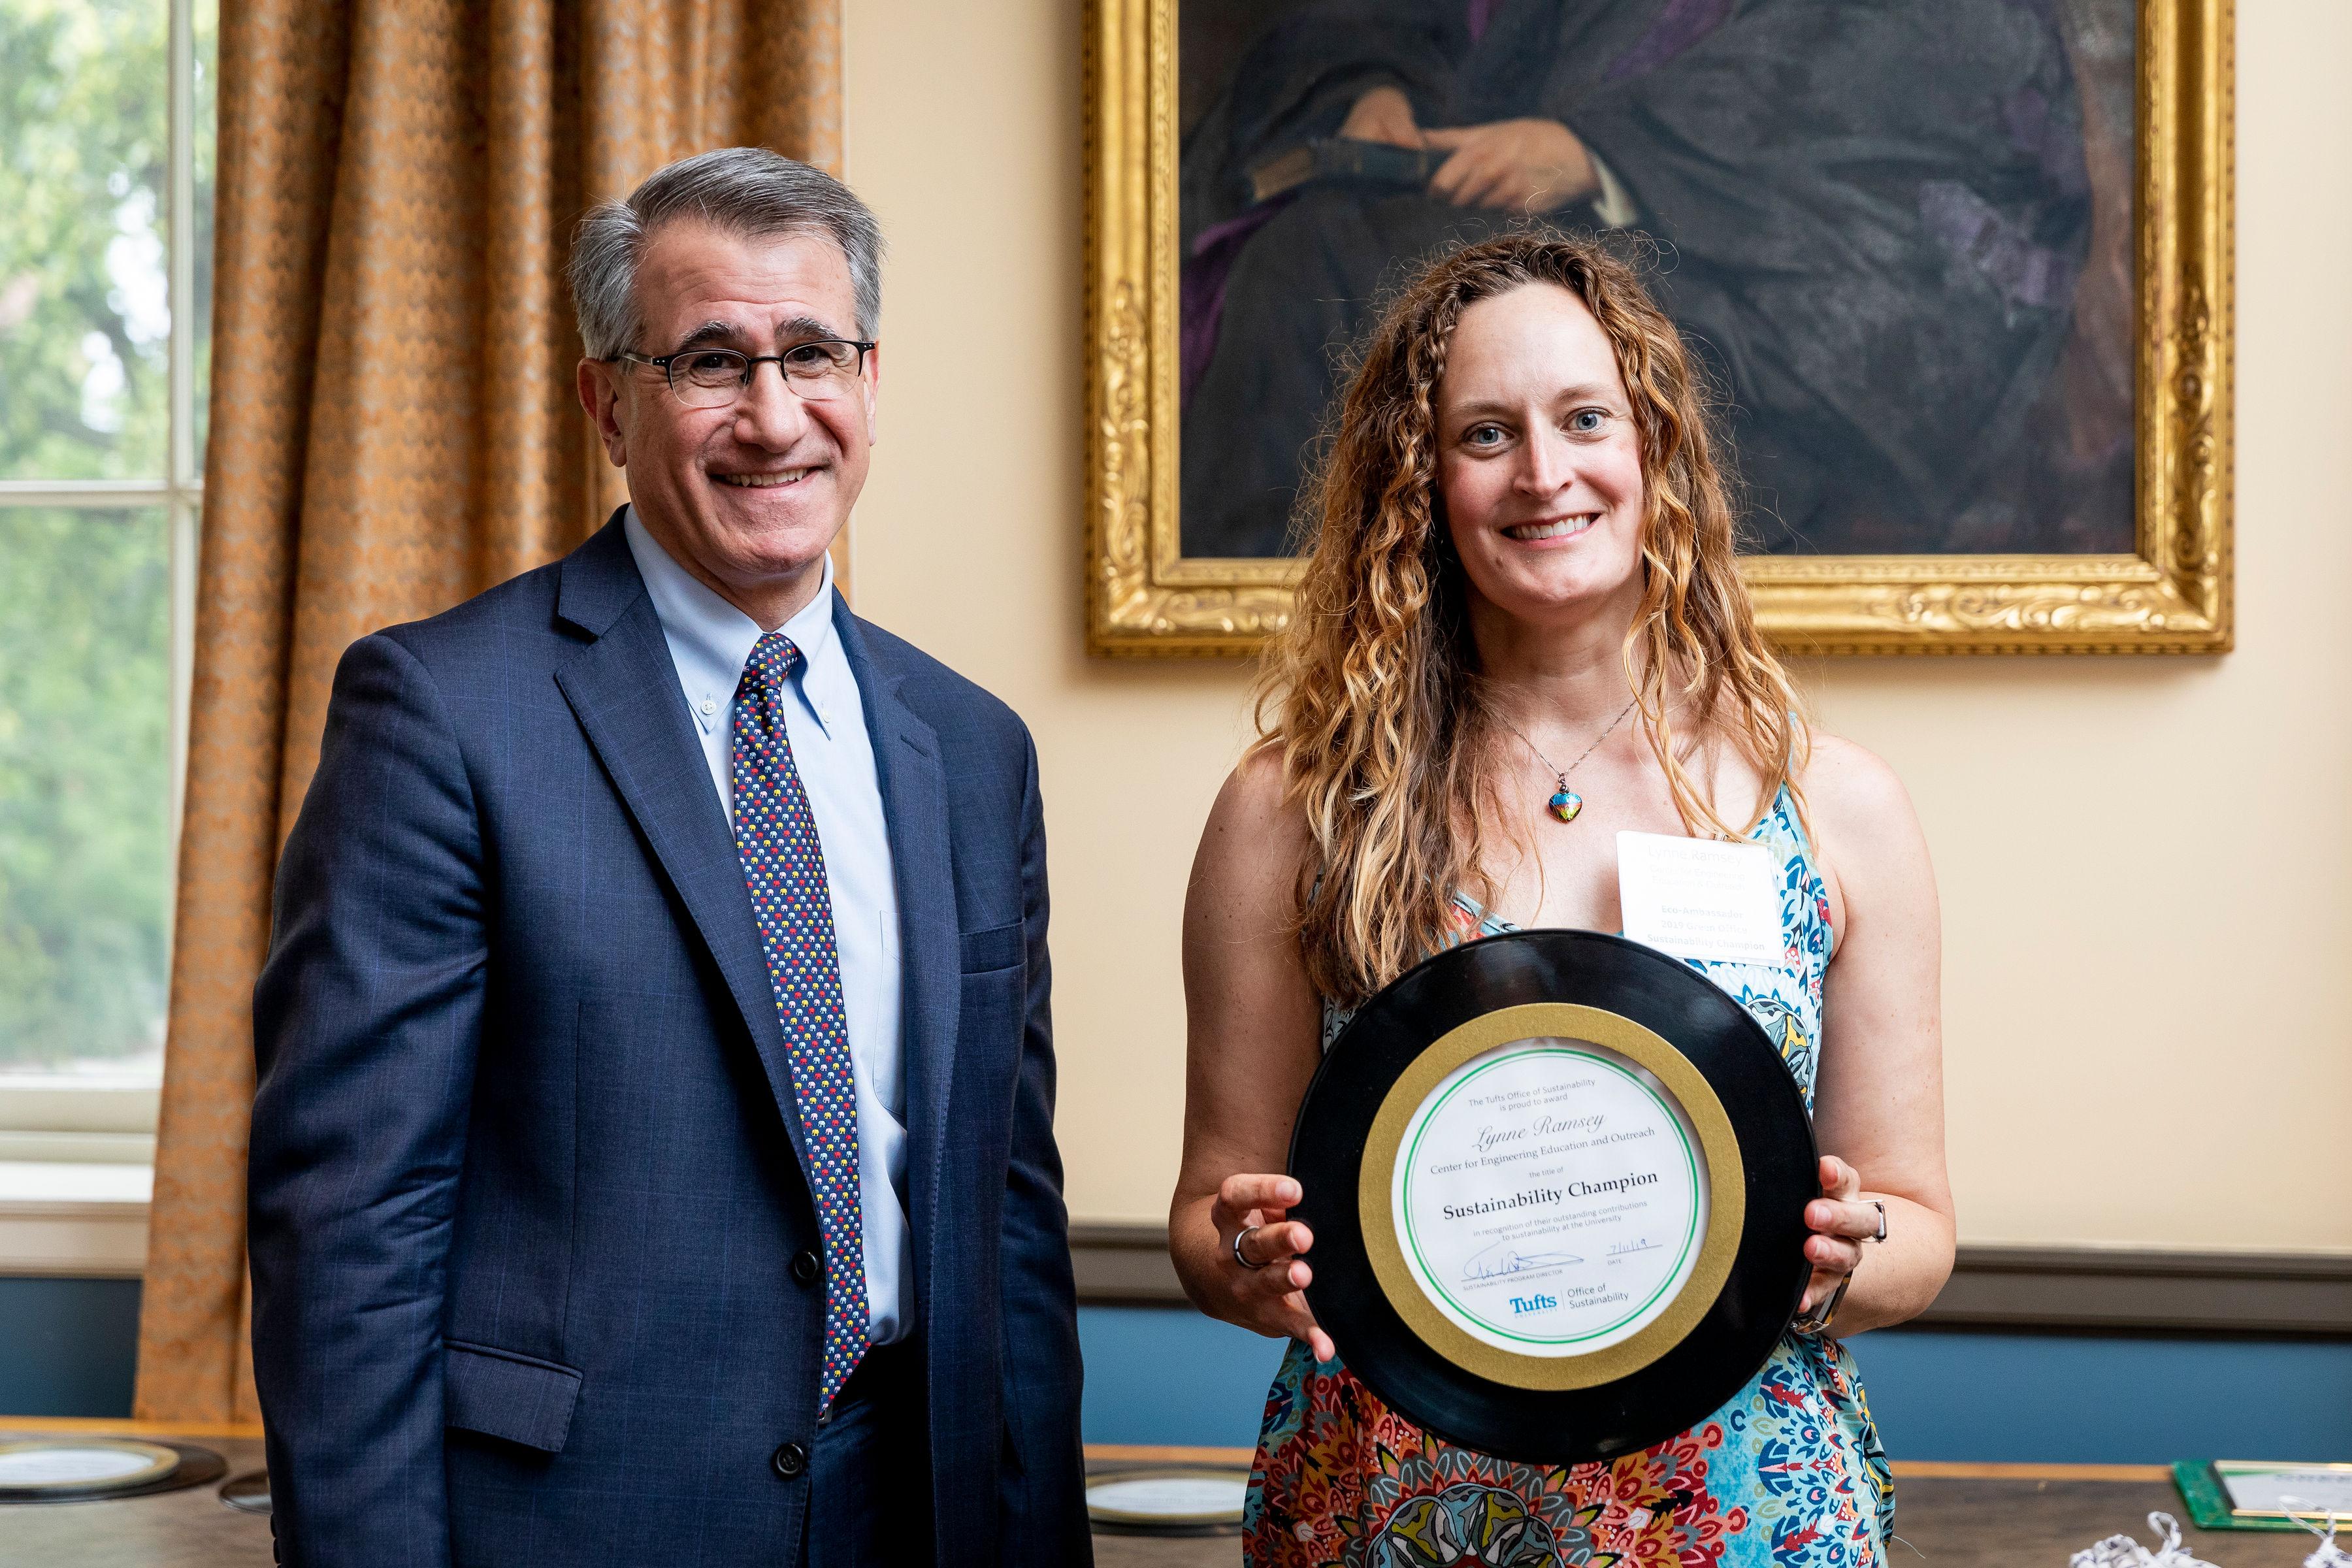 Tony Monaco awarding sustainability champion award